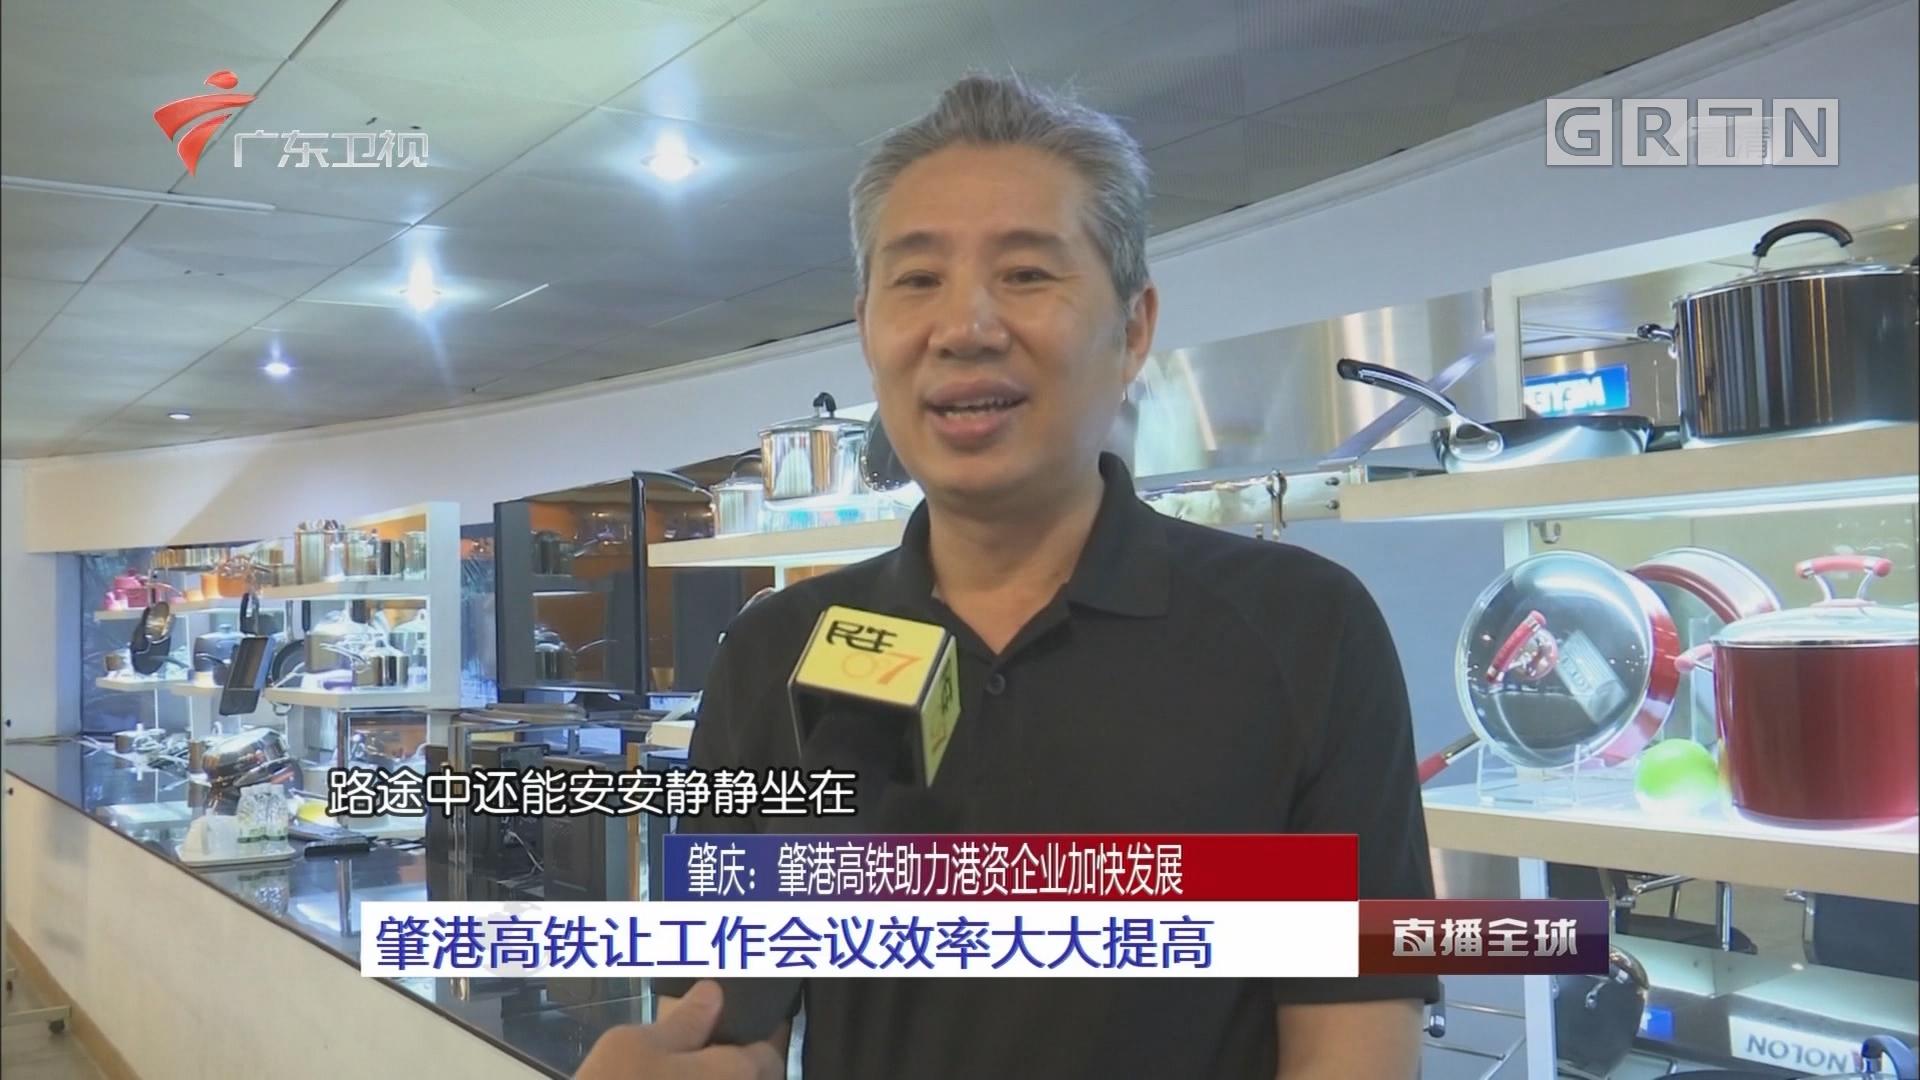 肇庆:肇港高铁助力港资企业加快发展 肇港高铁让工作会议效率大大提高